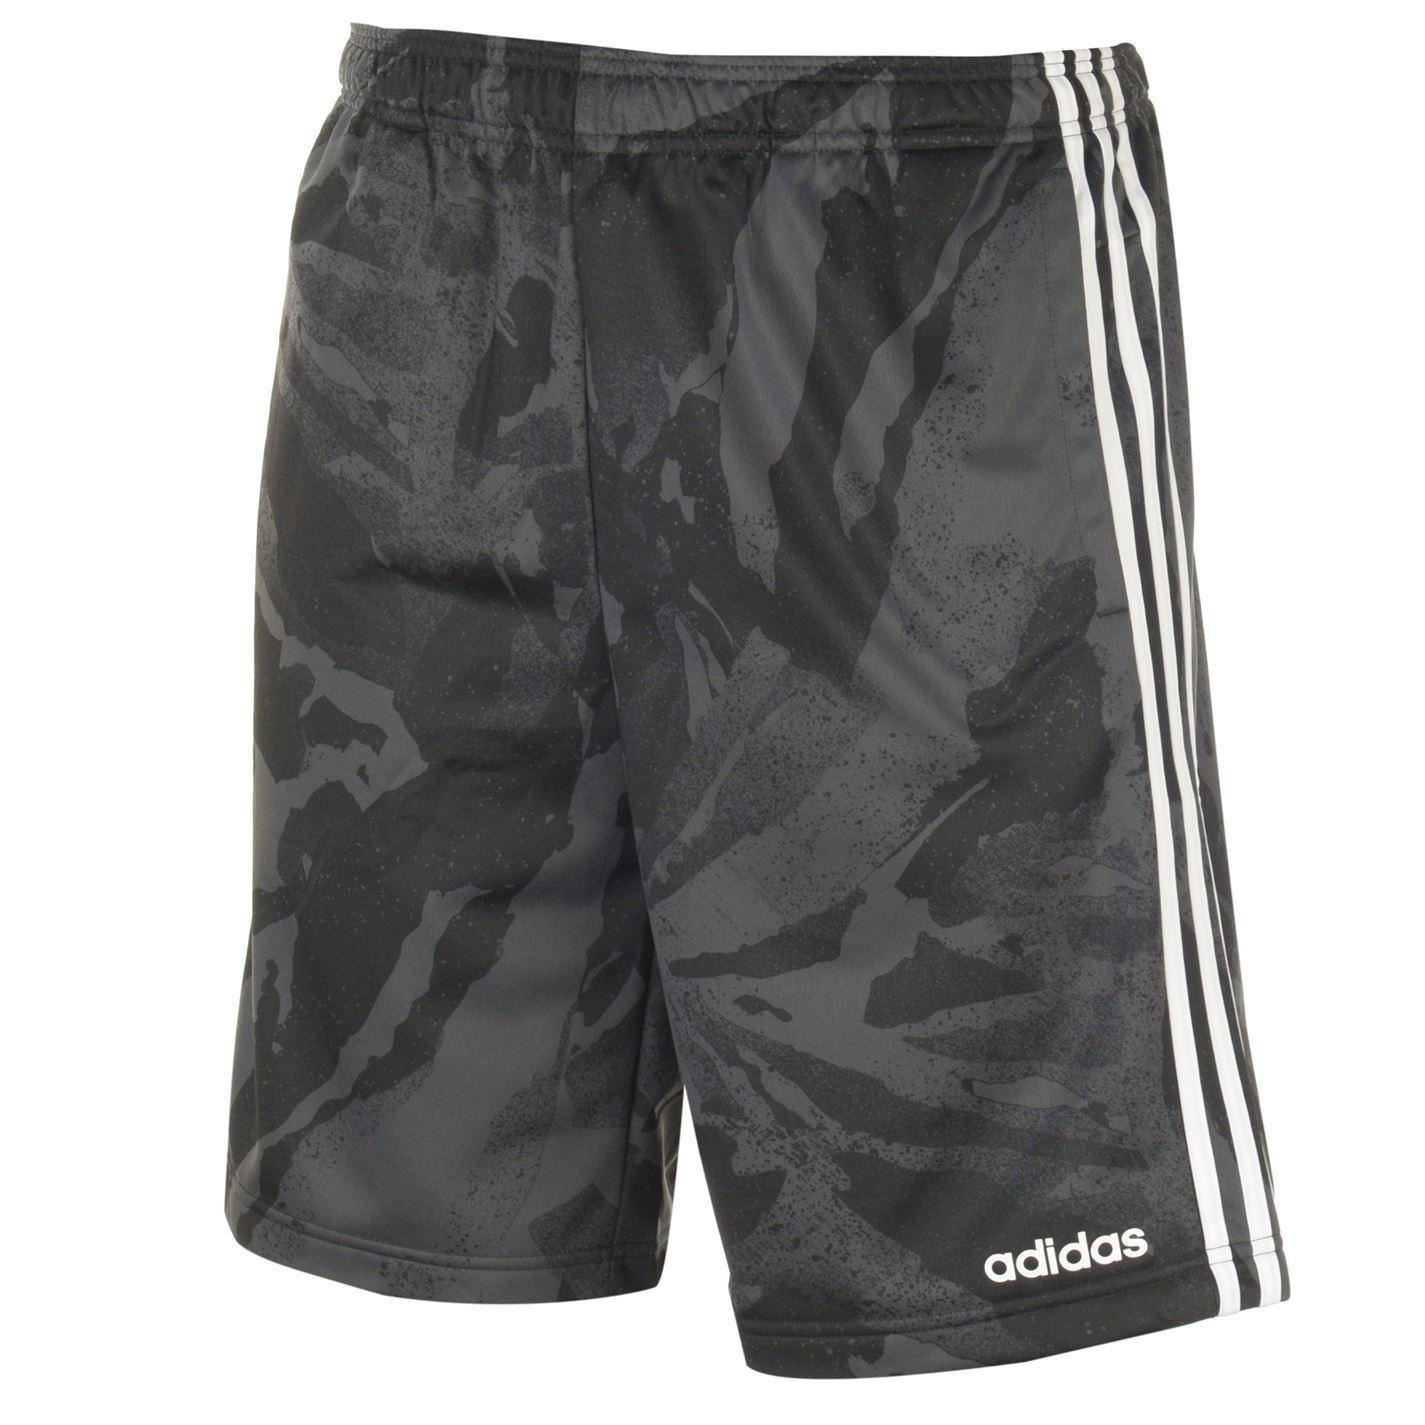 Dettagli su Adidas 3 Righe Camouflage Pantaloncini da Uomo GrigioBianco Pantaloni Fitness